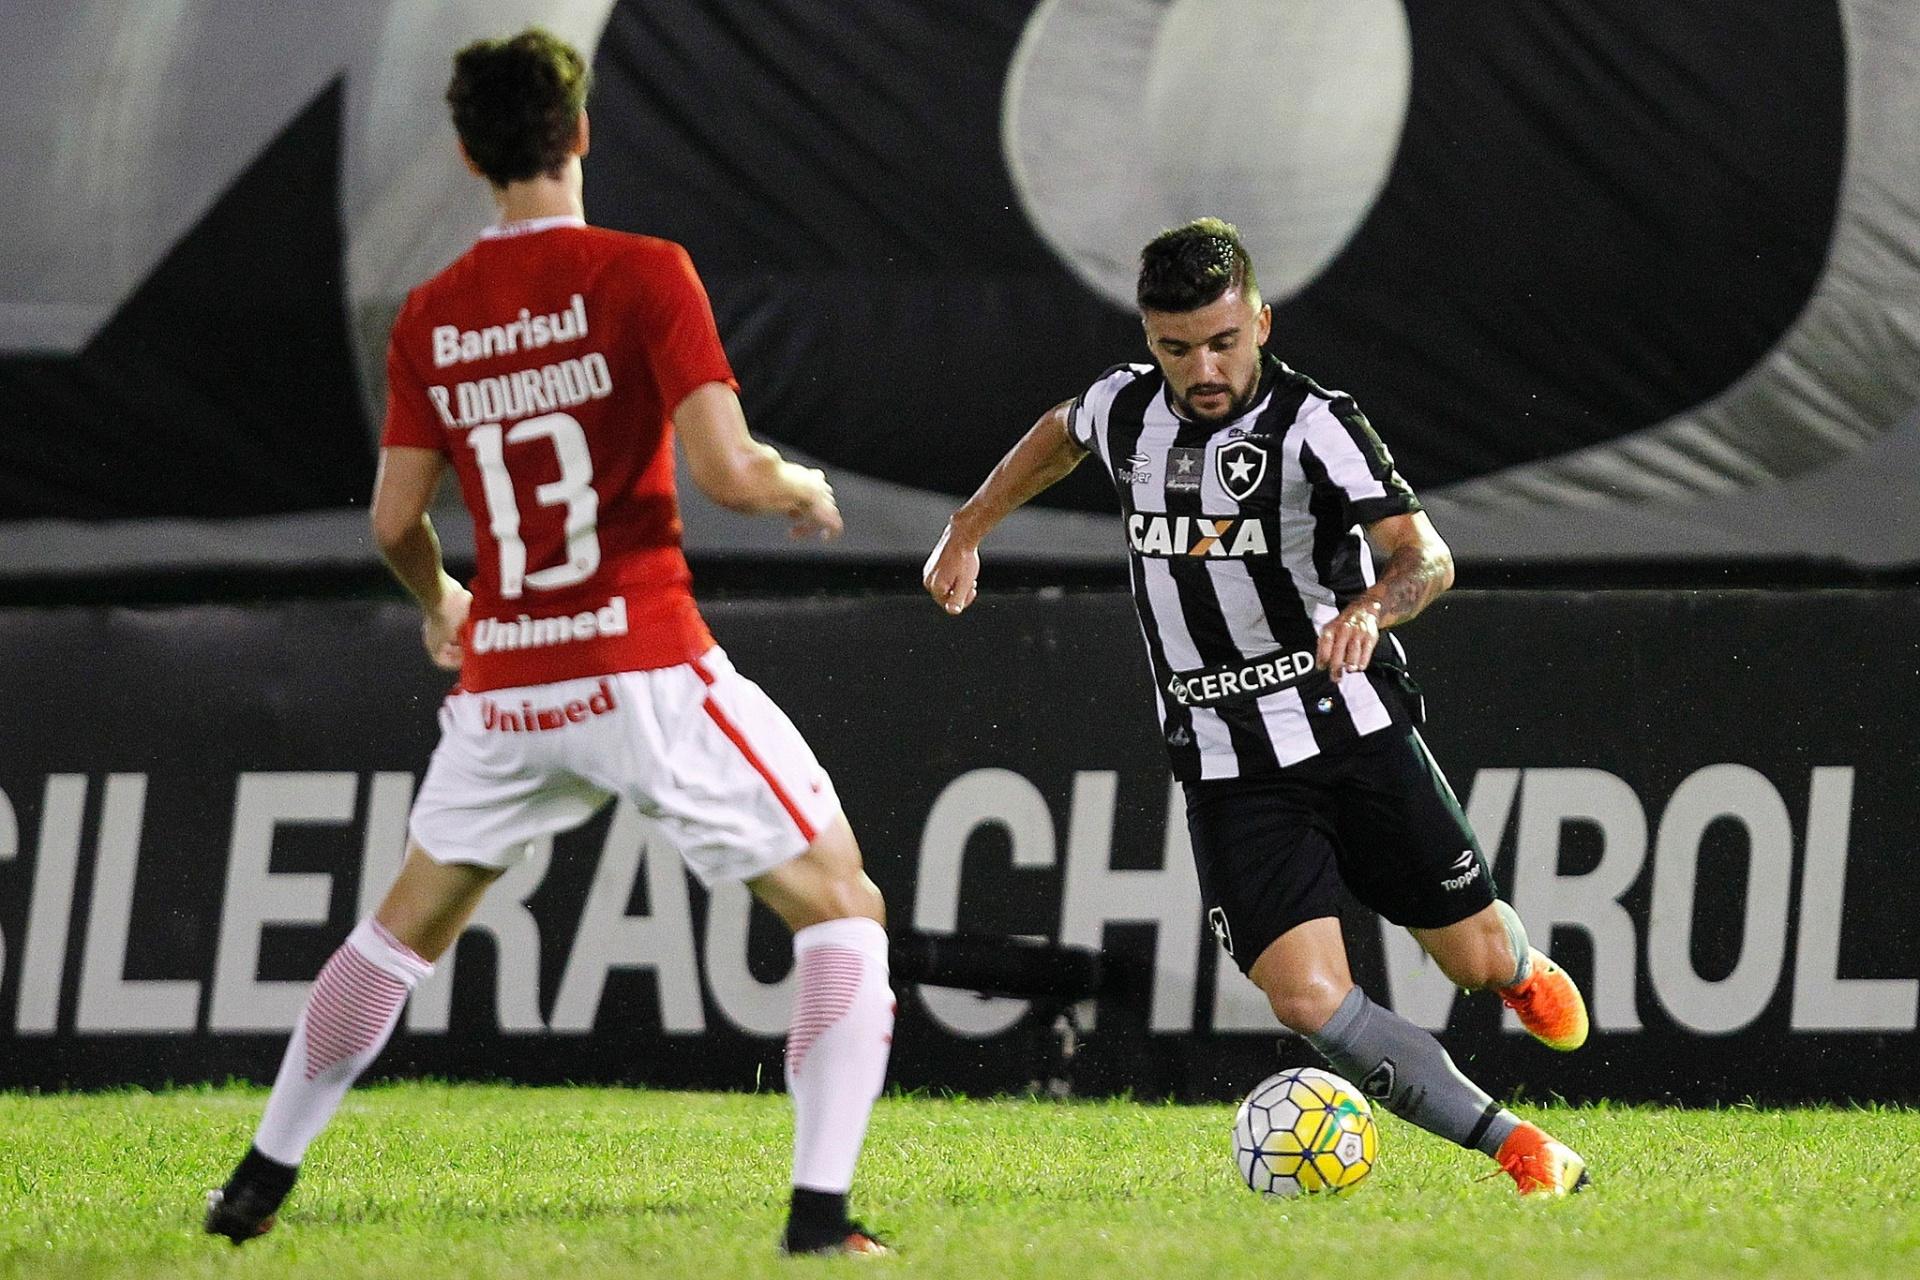 Mano indica e Cruzeiro busca acordo com o Palmeiras por Victor Luis -  21 11 2017 - UOL Esporte 5c7acfca47baf